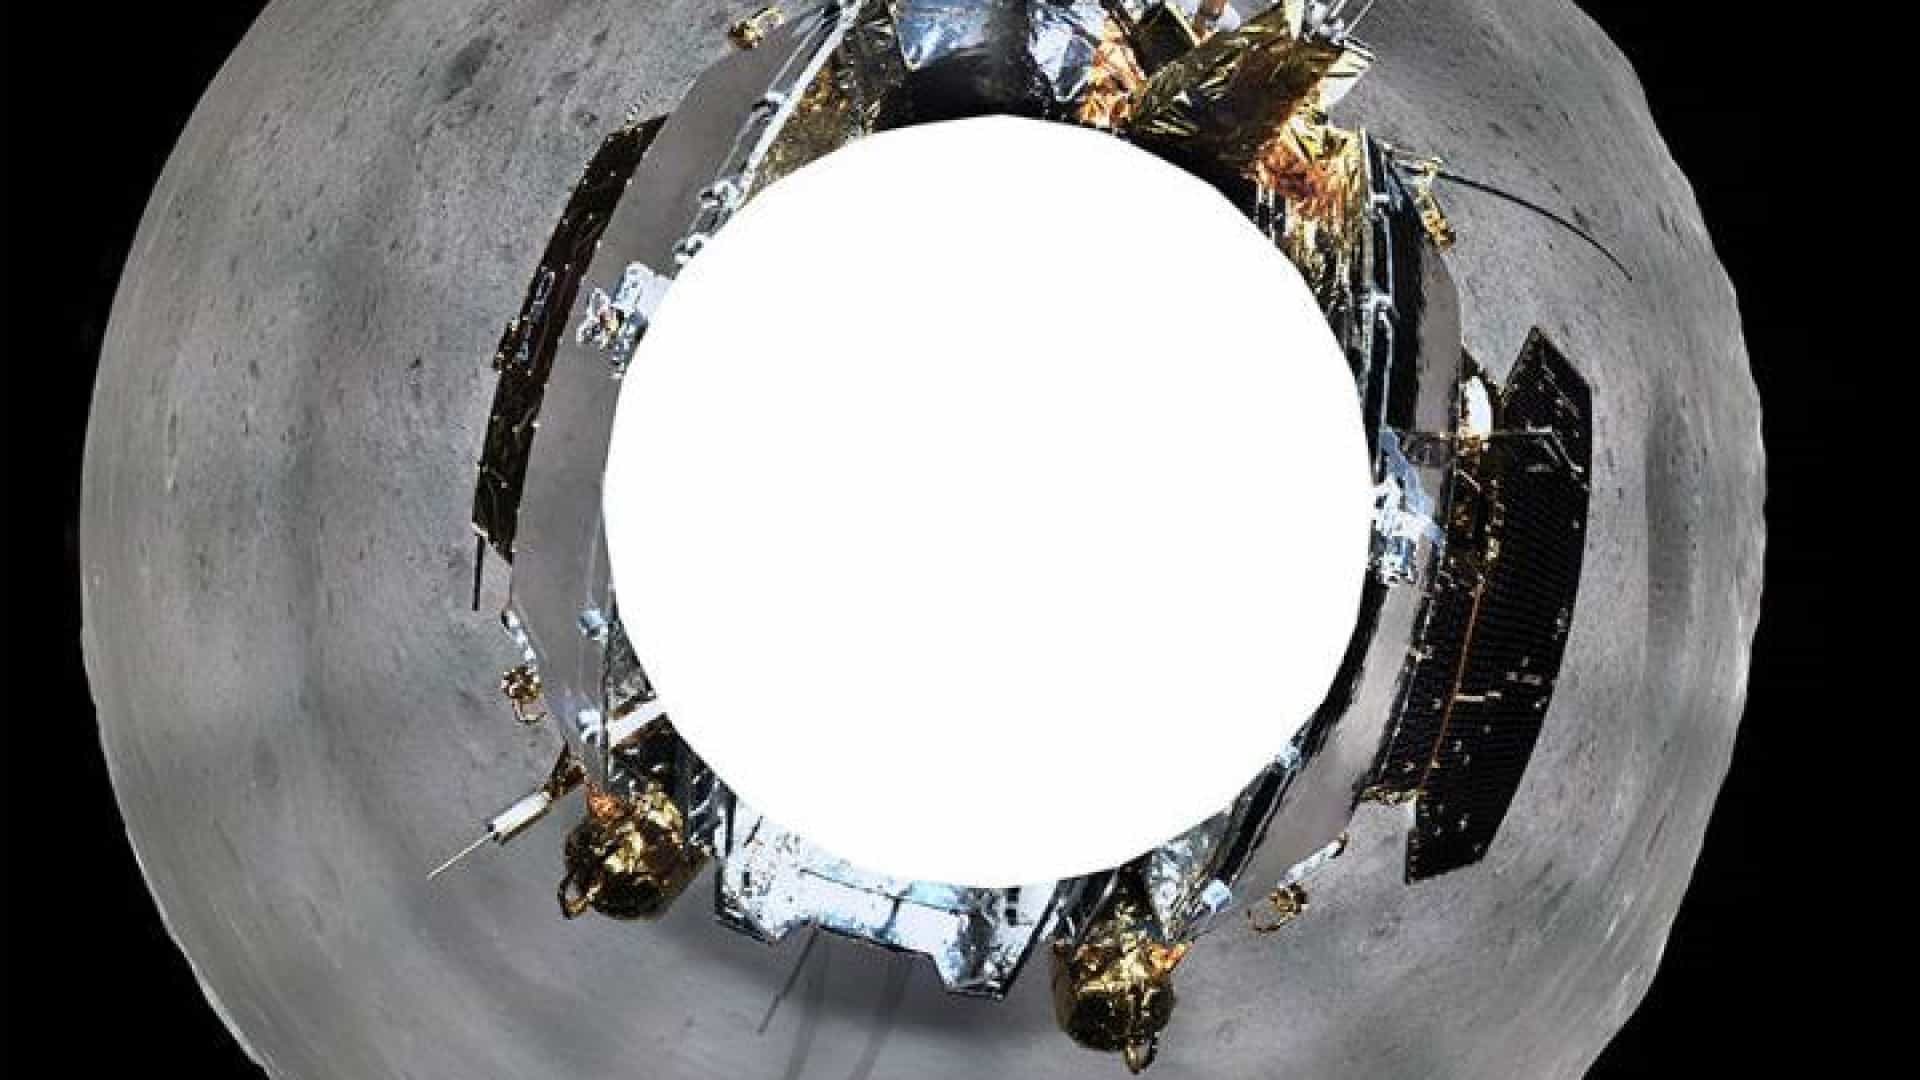 Sonda chinesa mostra fotografia de 360 graus do lado oculto da Lua